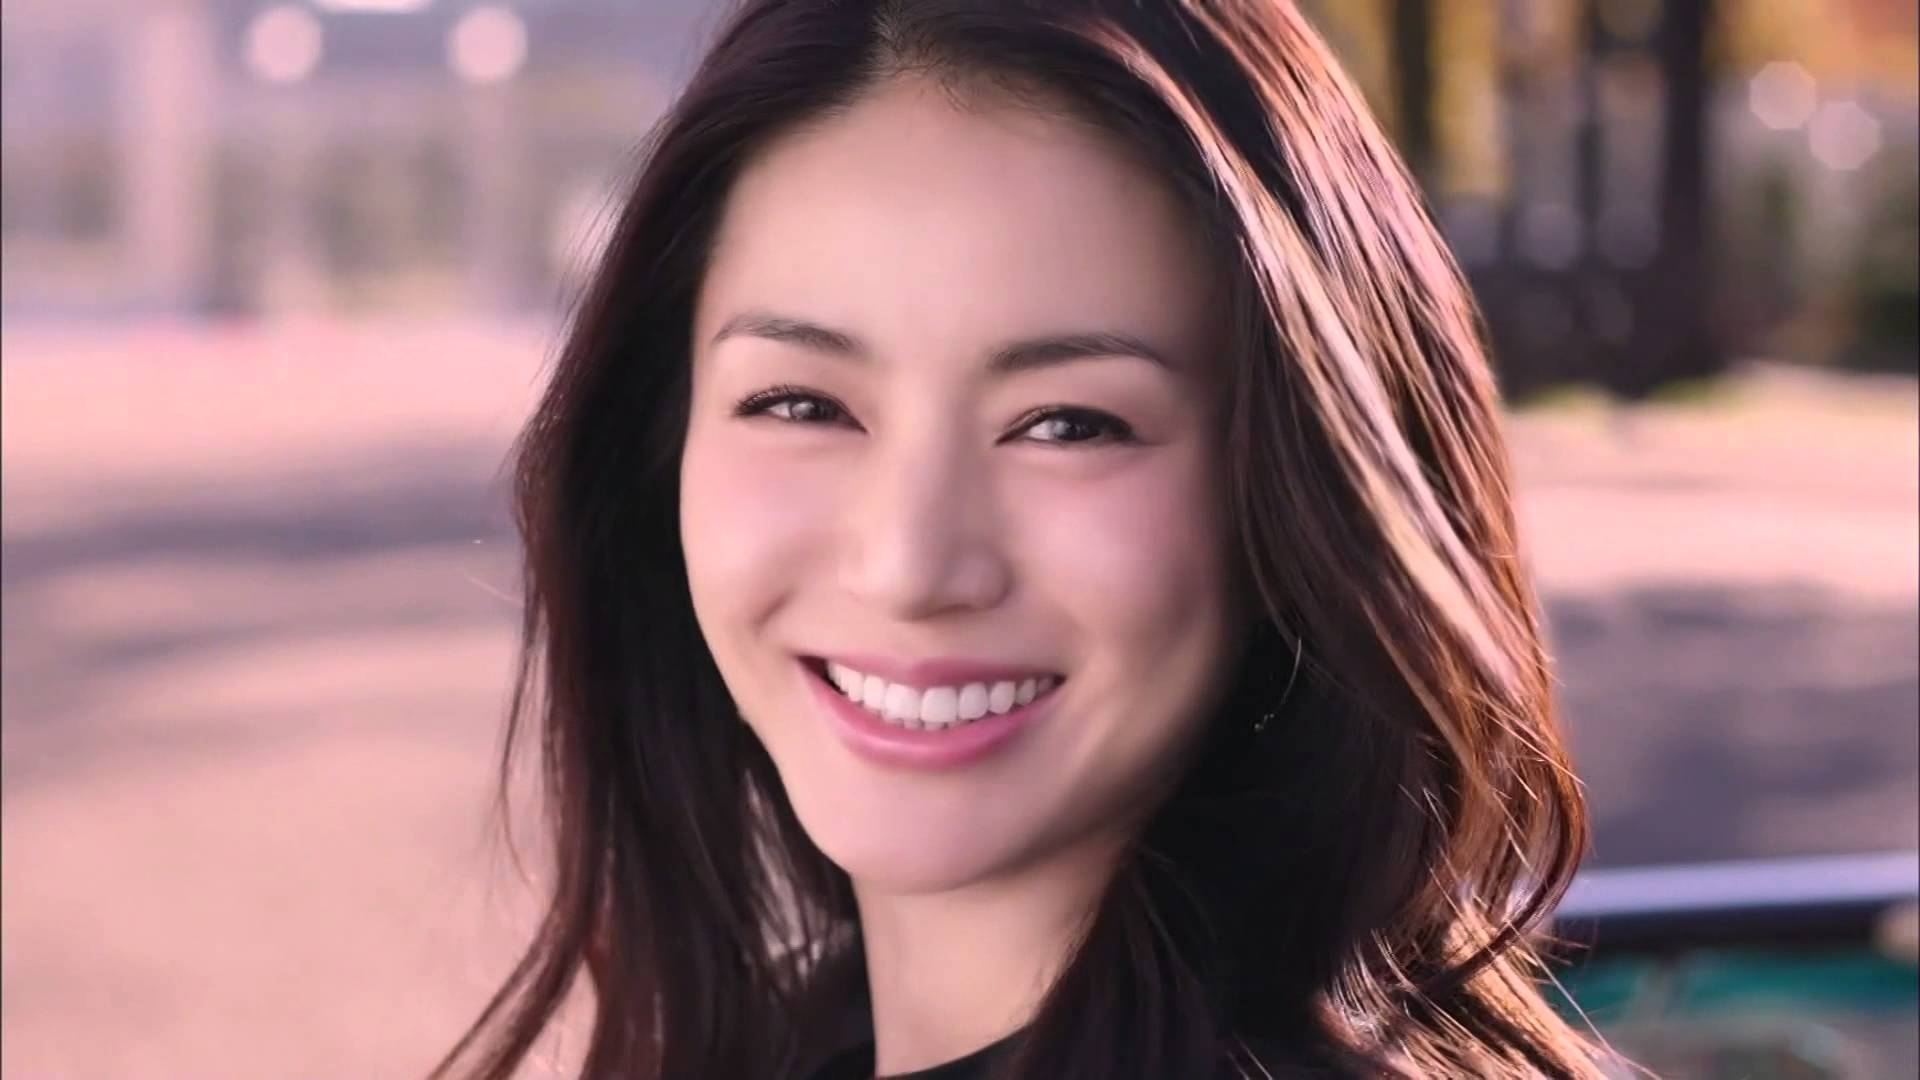 【動画有り】癒し系・井川遥がフェロモン全開でお届けするCM特集のサムネイル画像